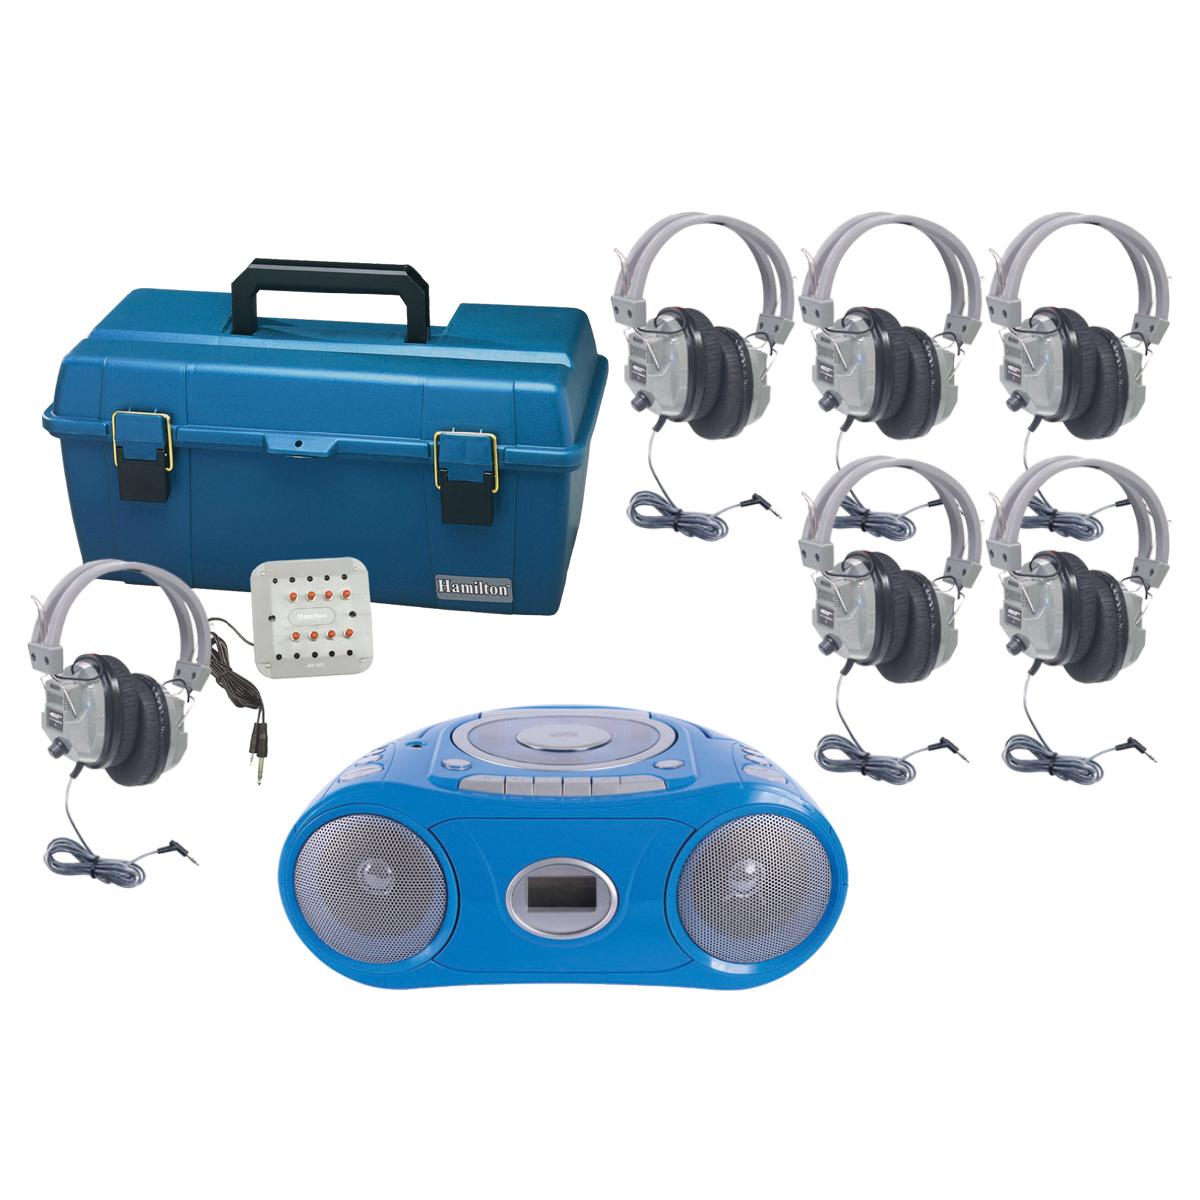 Station d'écoute Hamilton™ de luxe à 6 places avec Bluetooth®, CD, cassette et FM